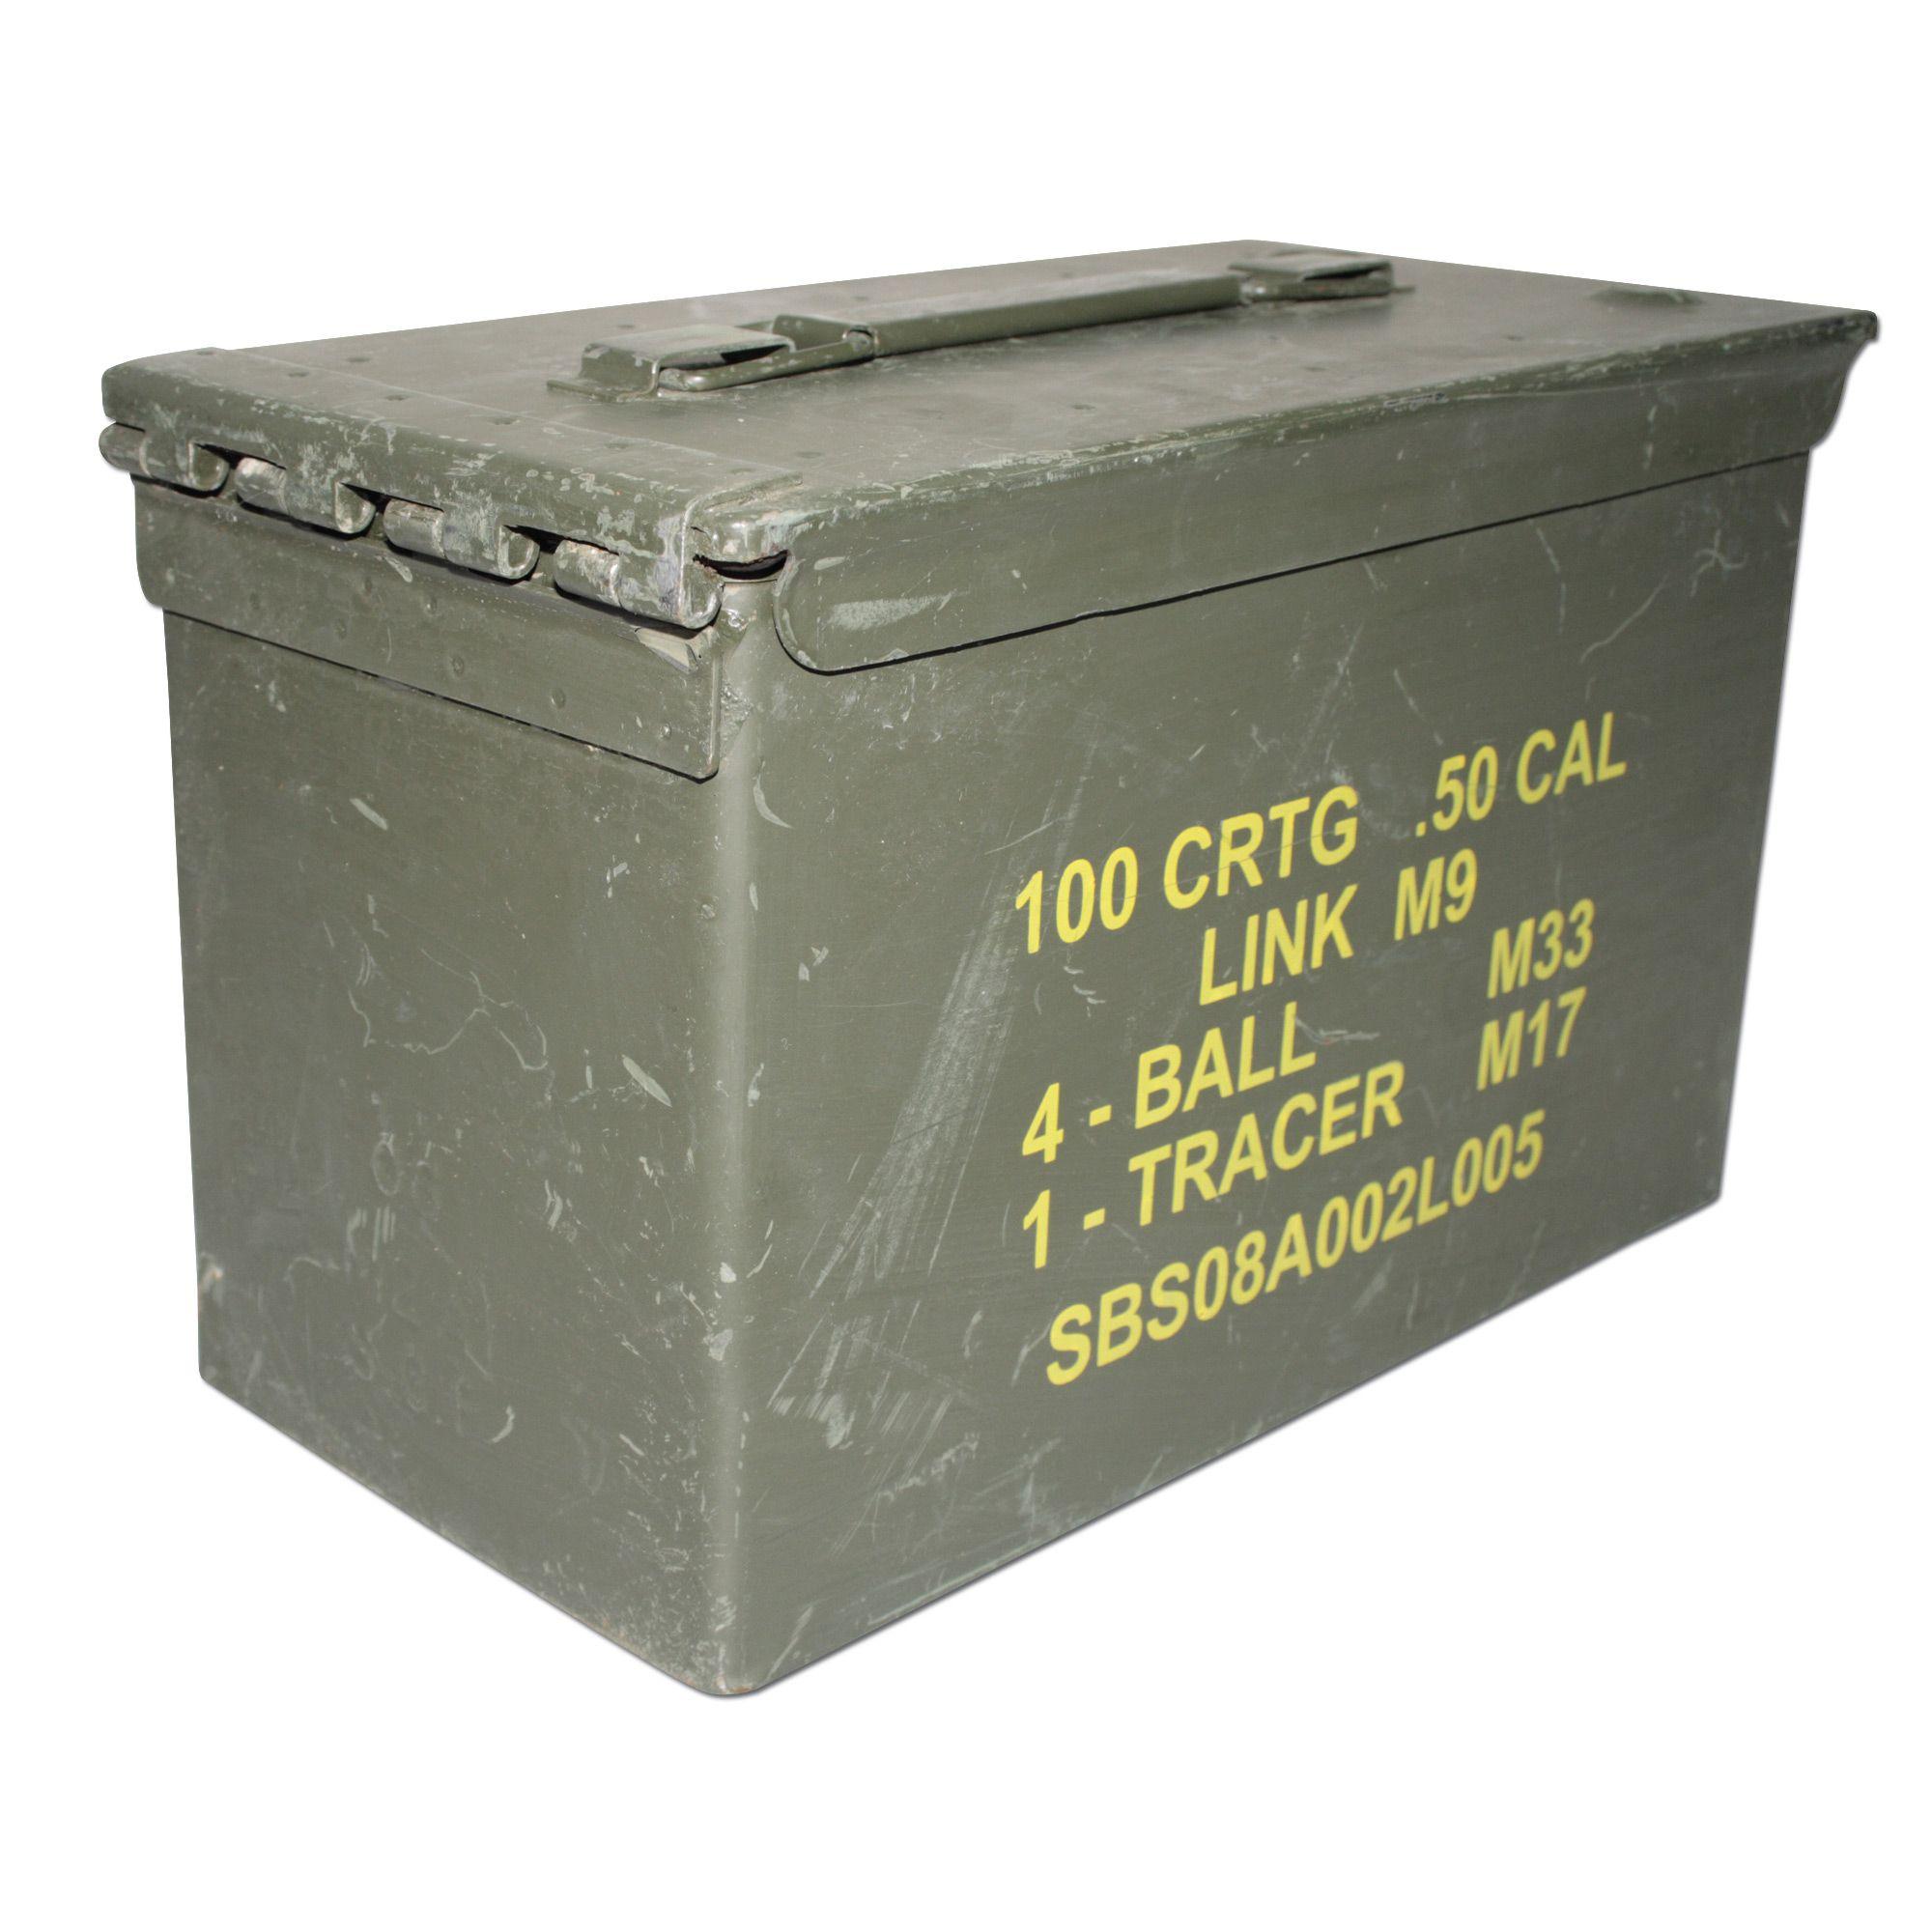 Armée Britannique munitions Ammo Box 50 Cal Militaire Vert Olive de rangement outils